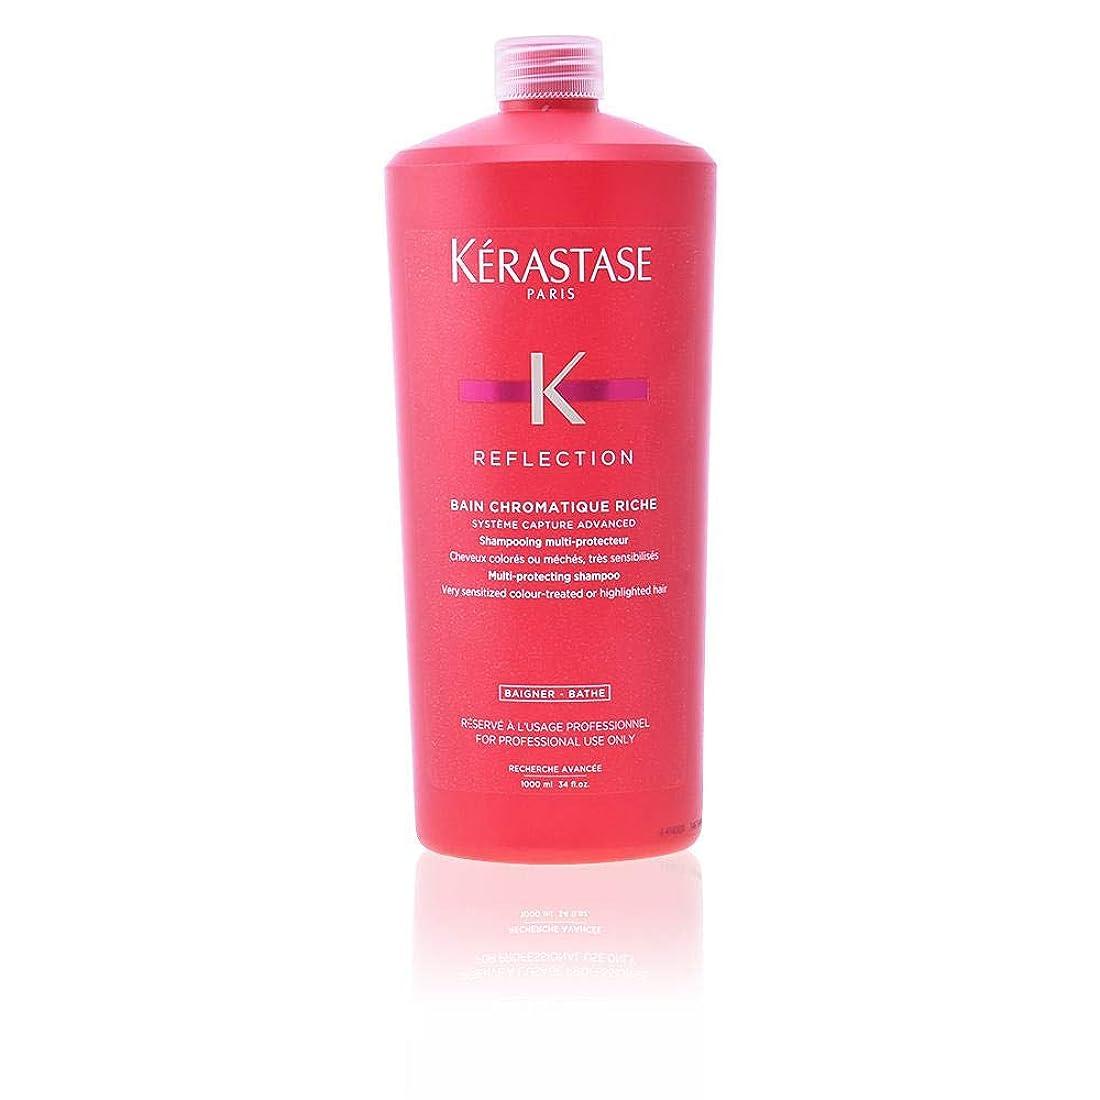 収容する基本的な特異なケラスターゼ Reflection Bain Chromatique Riche Multi-Protecting Shampoo (Very Sensitized Colour-Treated or Highlighted Hair) 1000ml/34oz並行輸入品